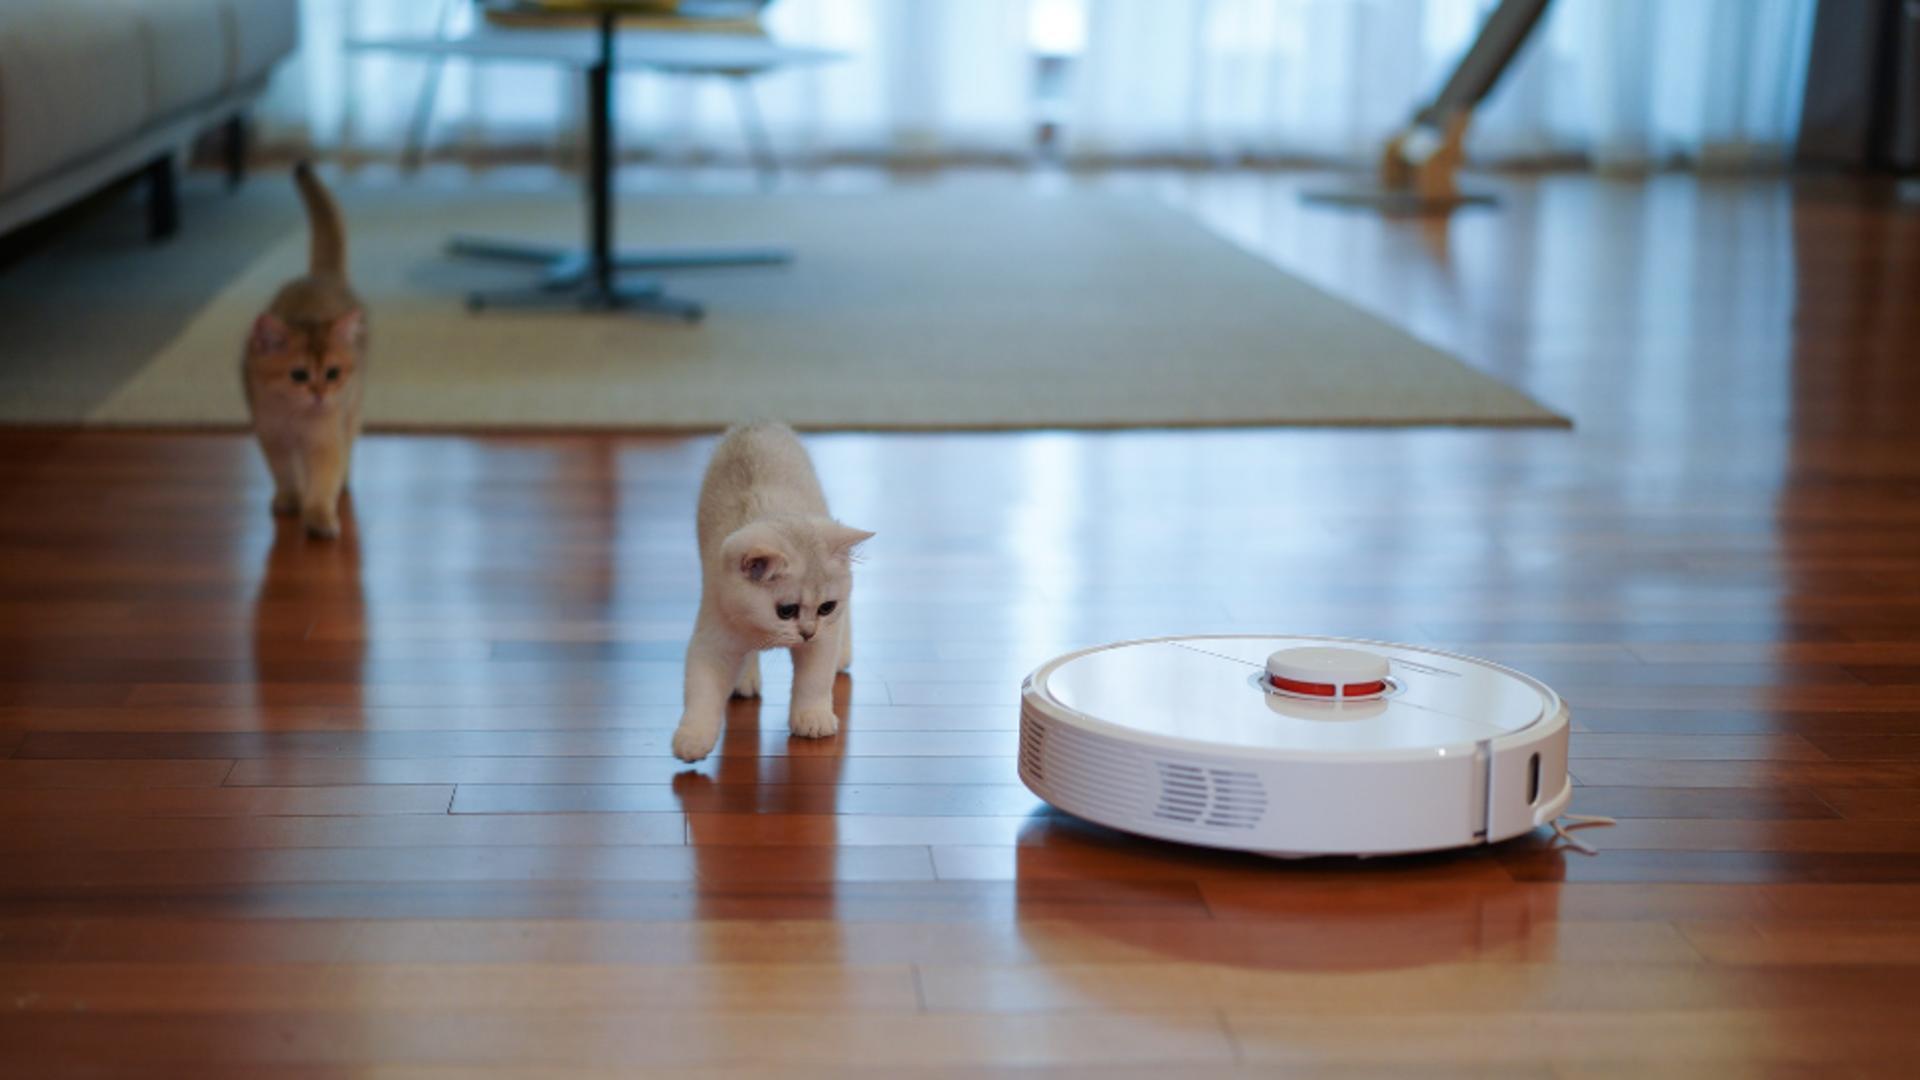 Merită să cumperi un aspirator robot? Iată tot ce trebuie să știi